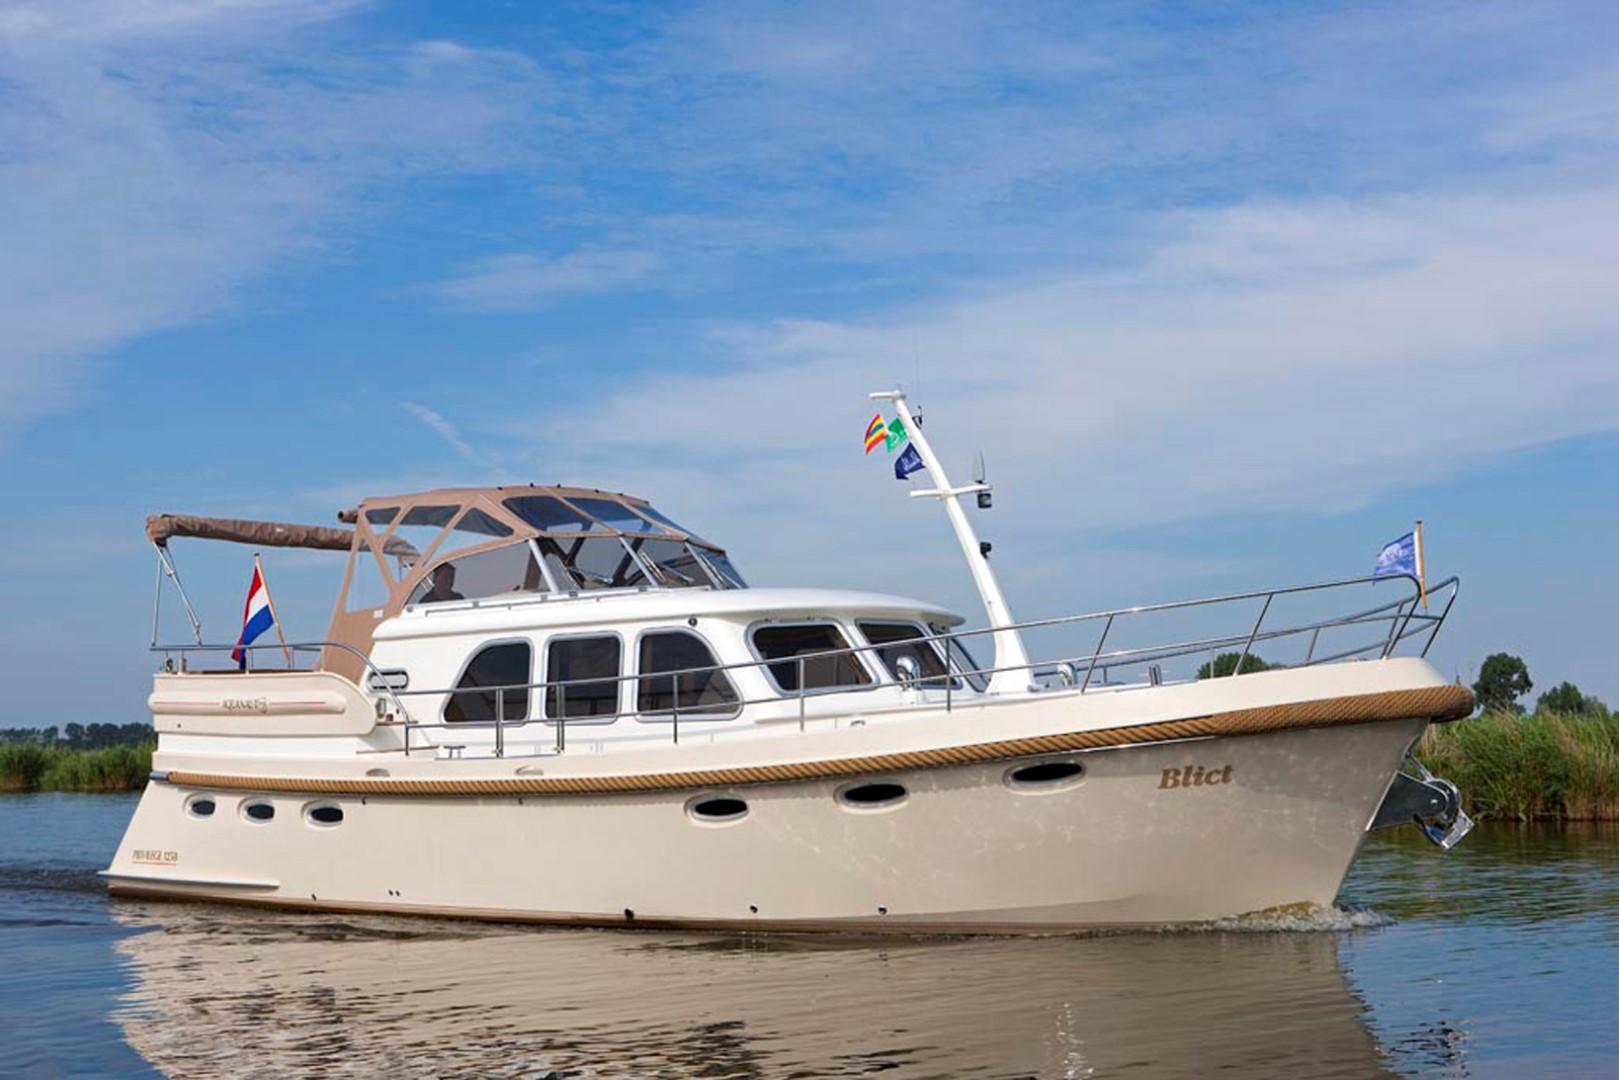 Запорожский депутат спустя полгода решил задекларировать покупку моторной яхты, но забыл про авто